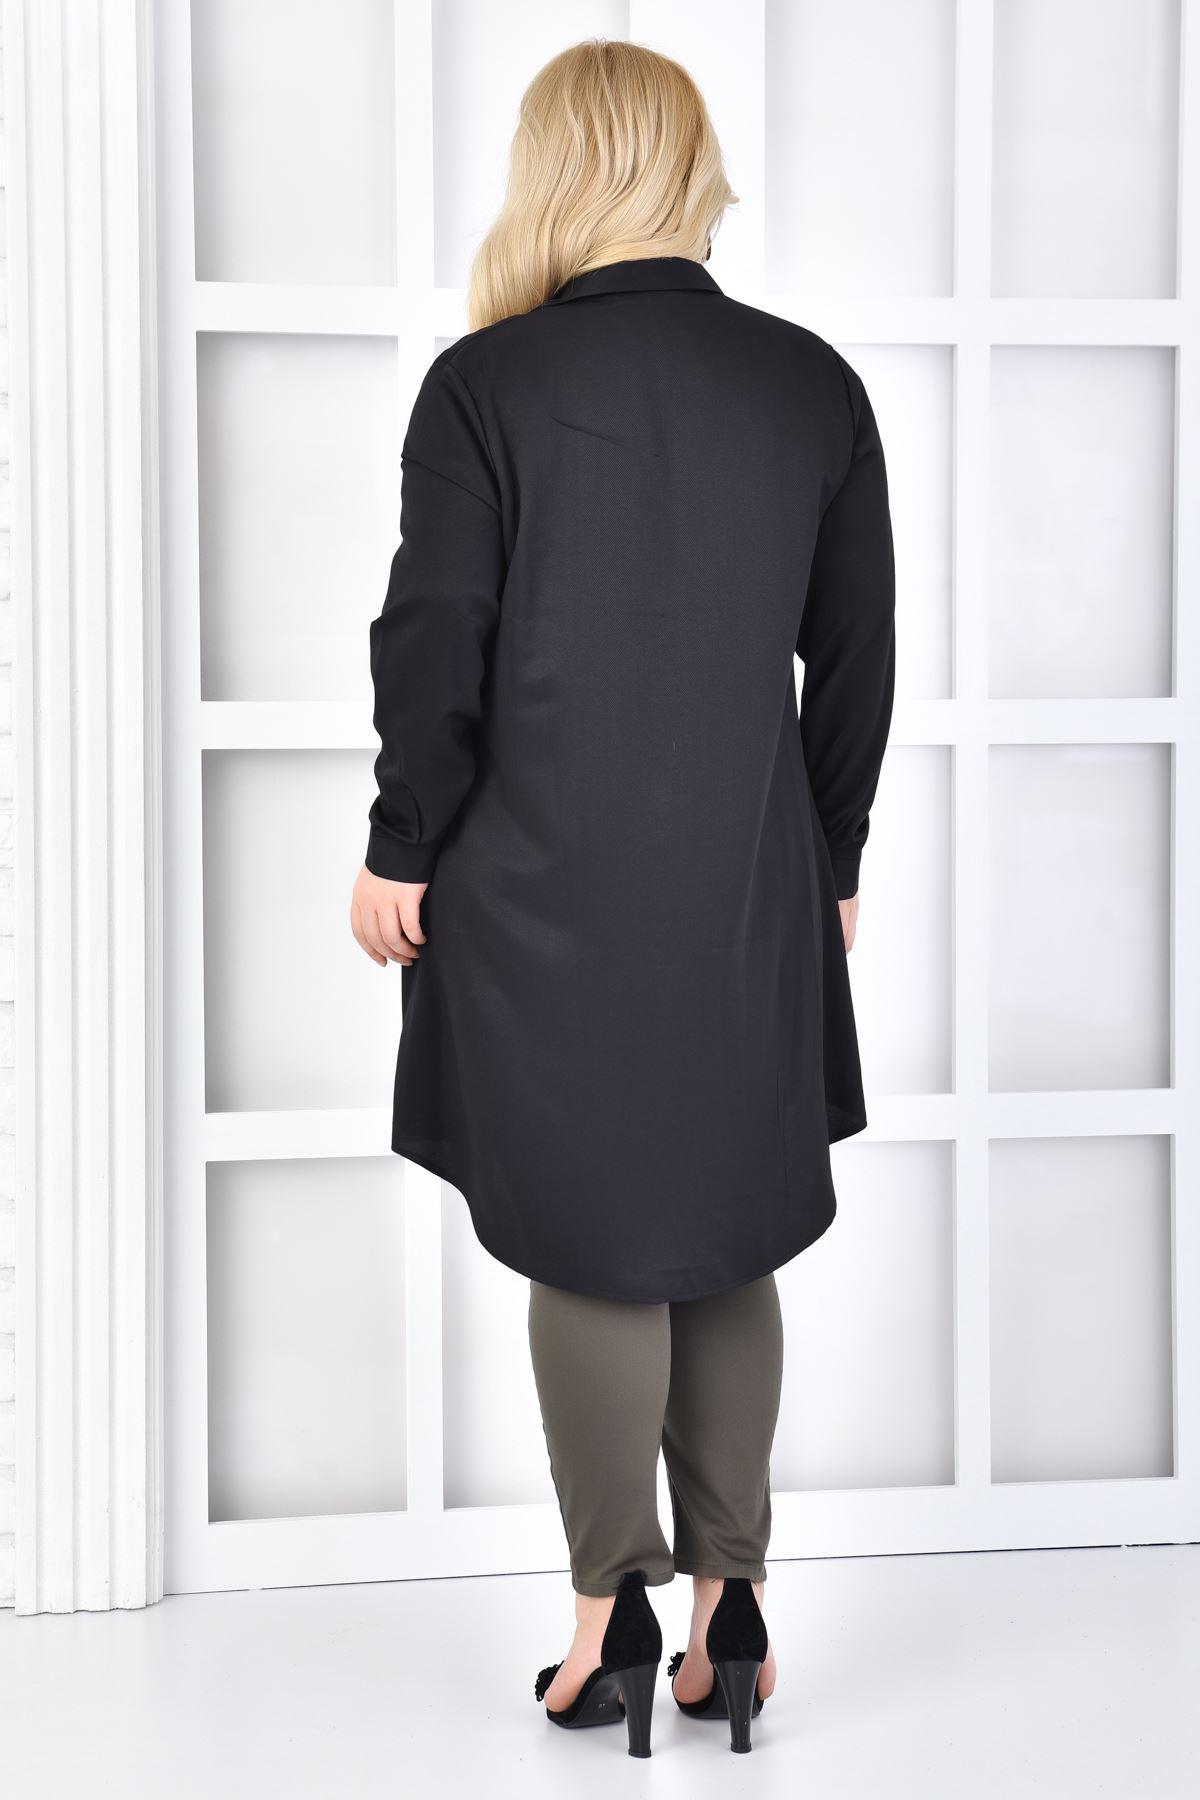 Kadın Siyah Büyük Beden Tunik Gömlek Düz